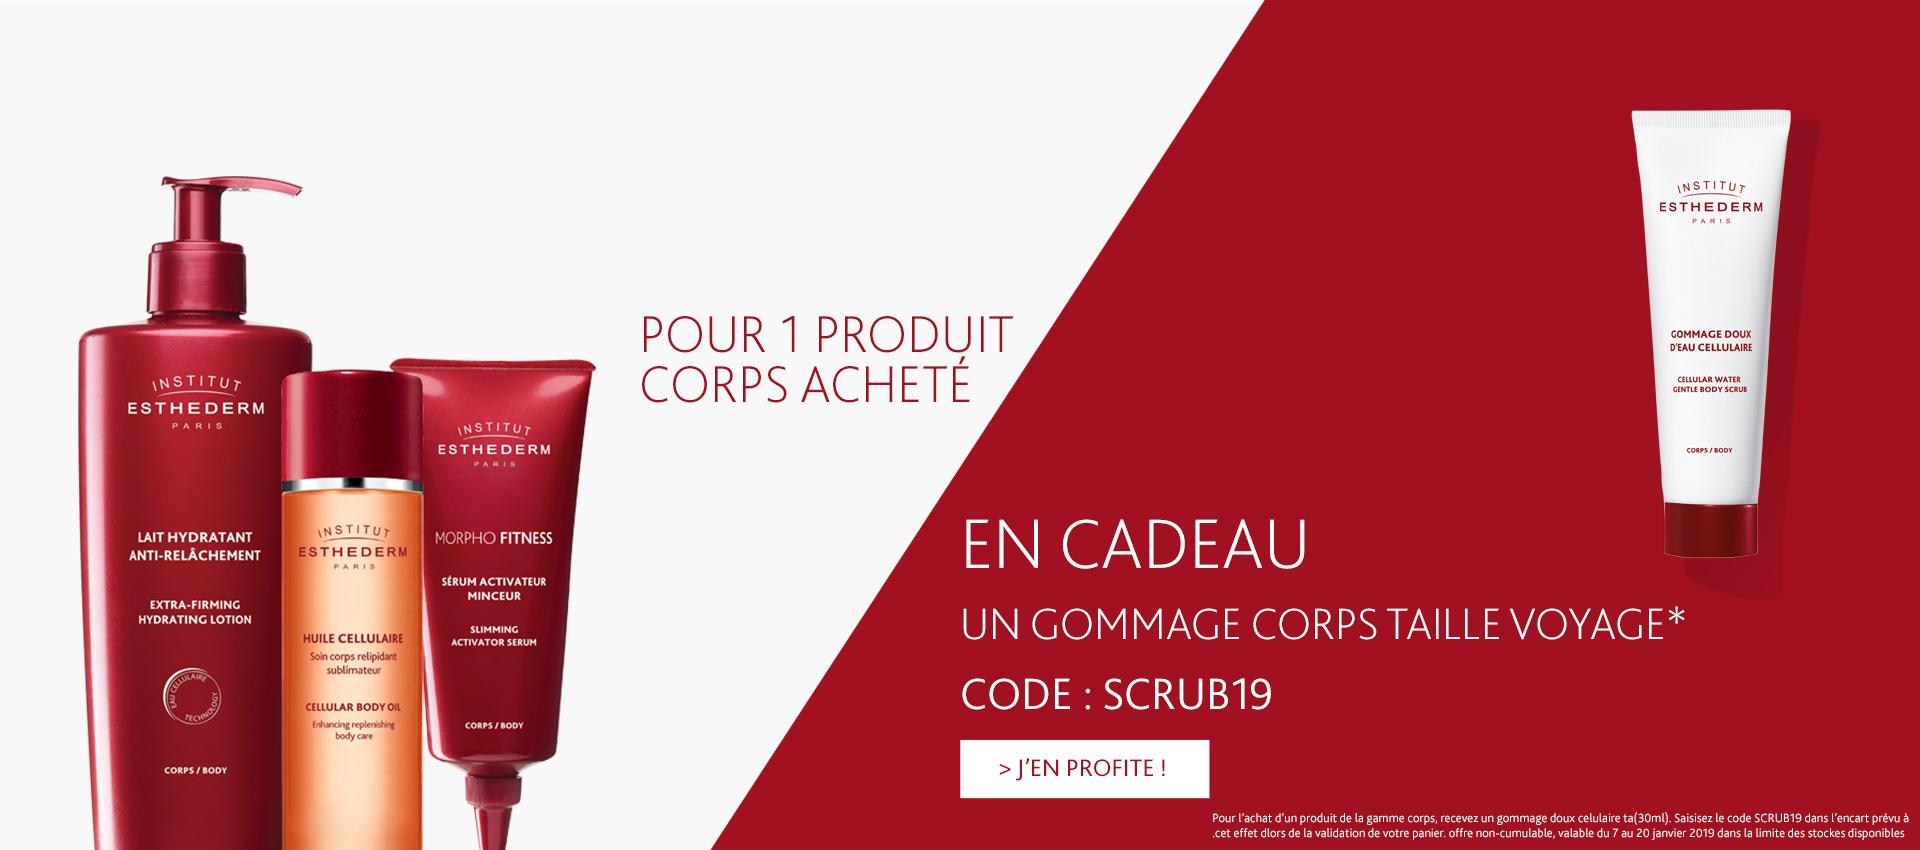 Offre du mois : 1 gommage corps taille voyage offert pour l'achat d'un produit de la gamme corps avec le code : SCRUB19